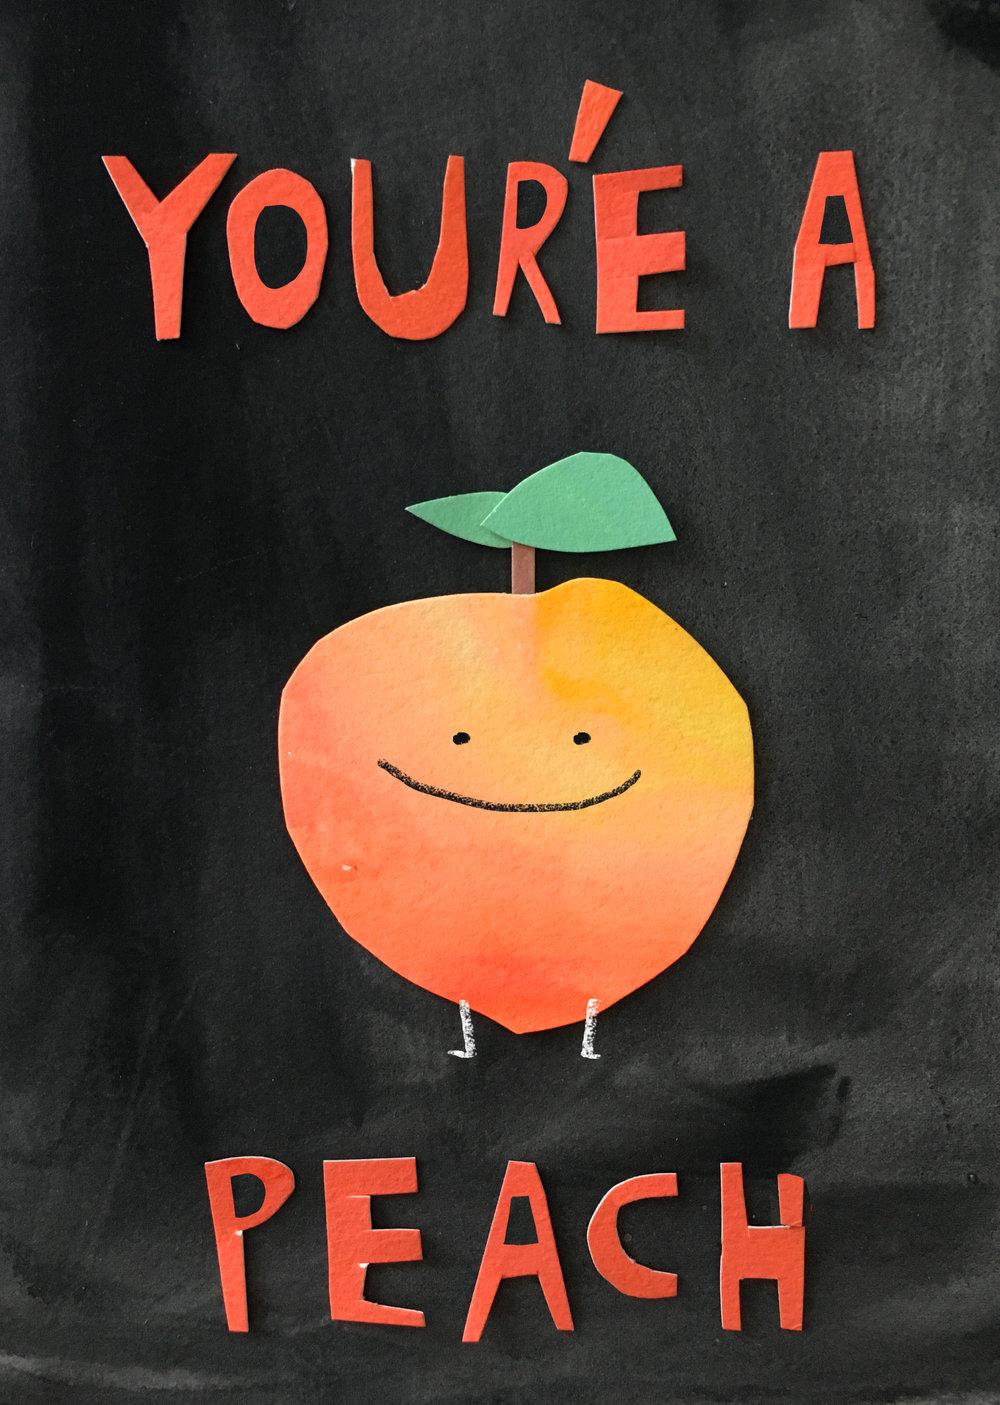 Youre_a_Peach.jpg